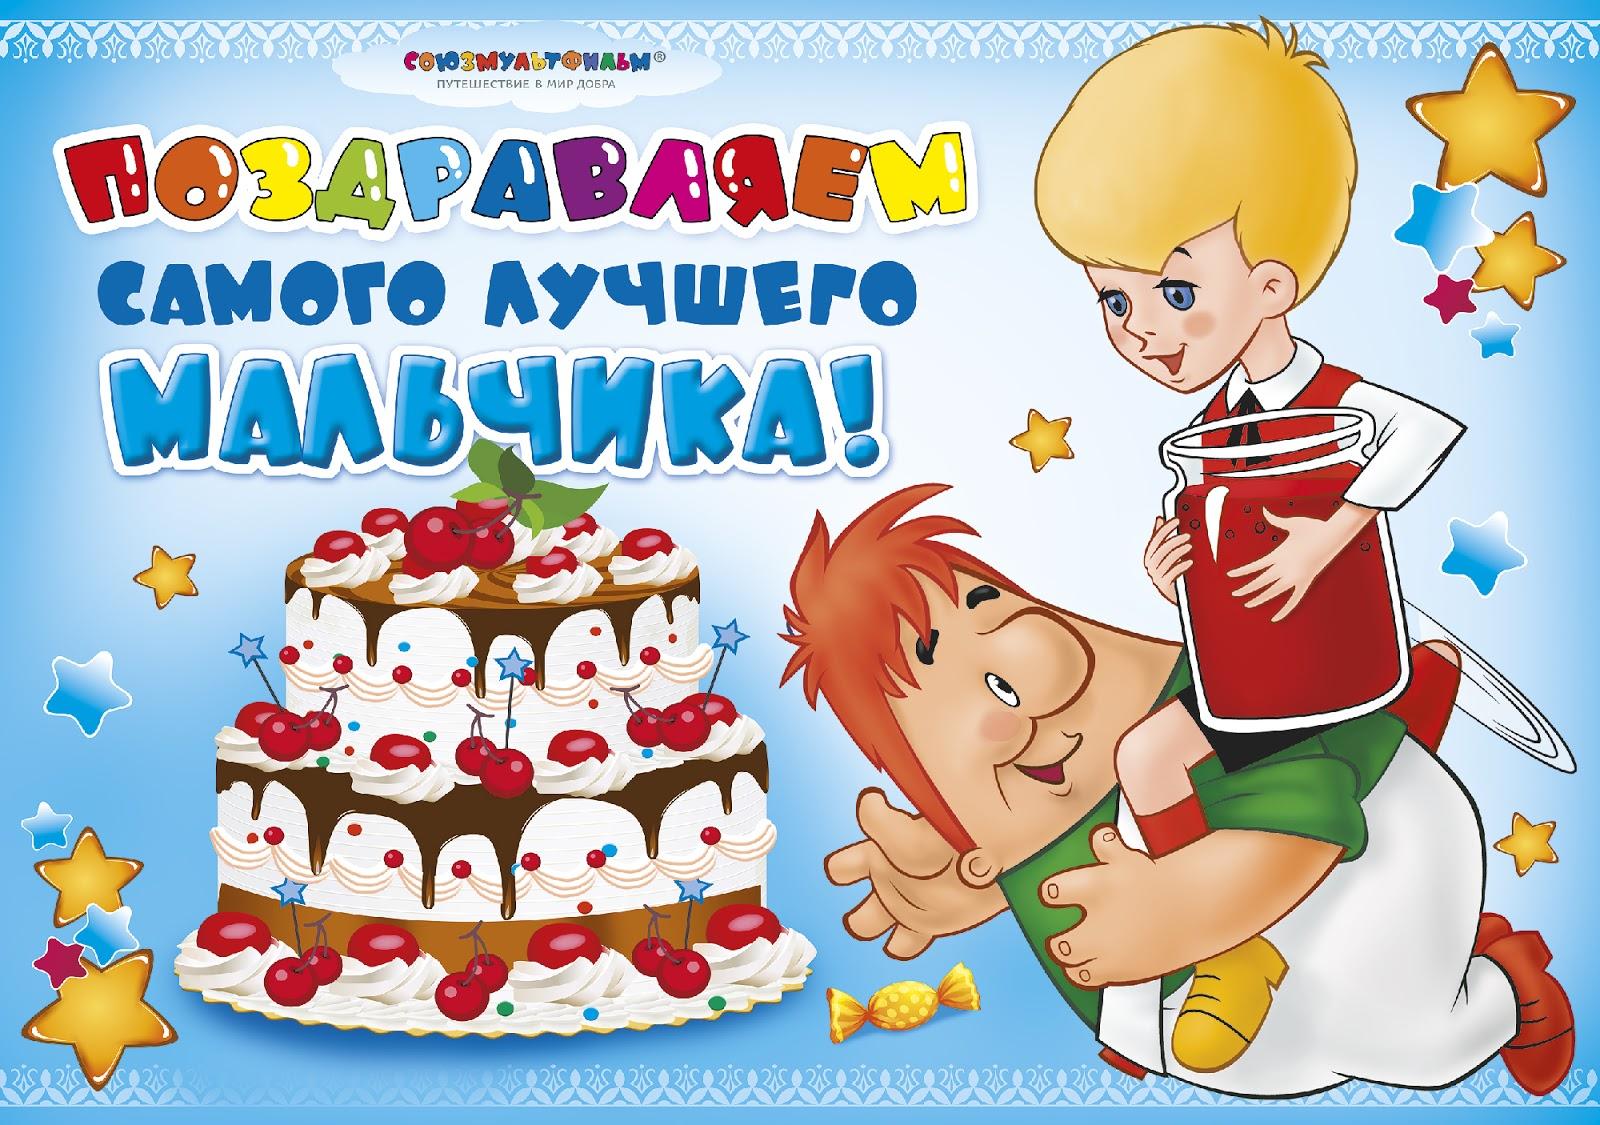 Картинки для поздравления с днем рождения мальчика